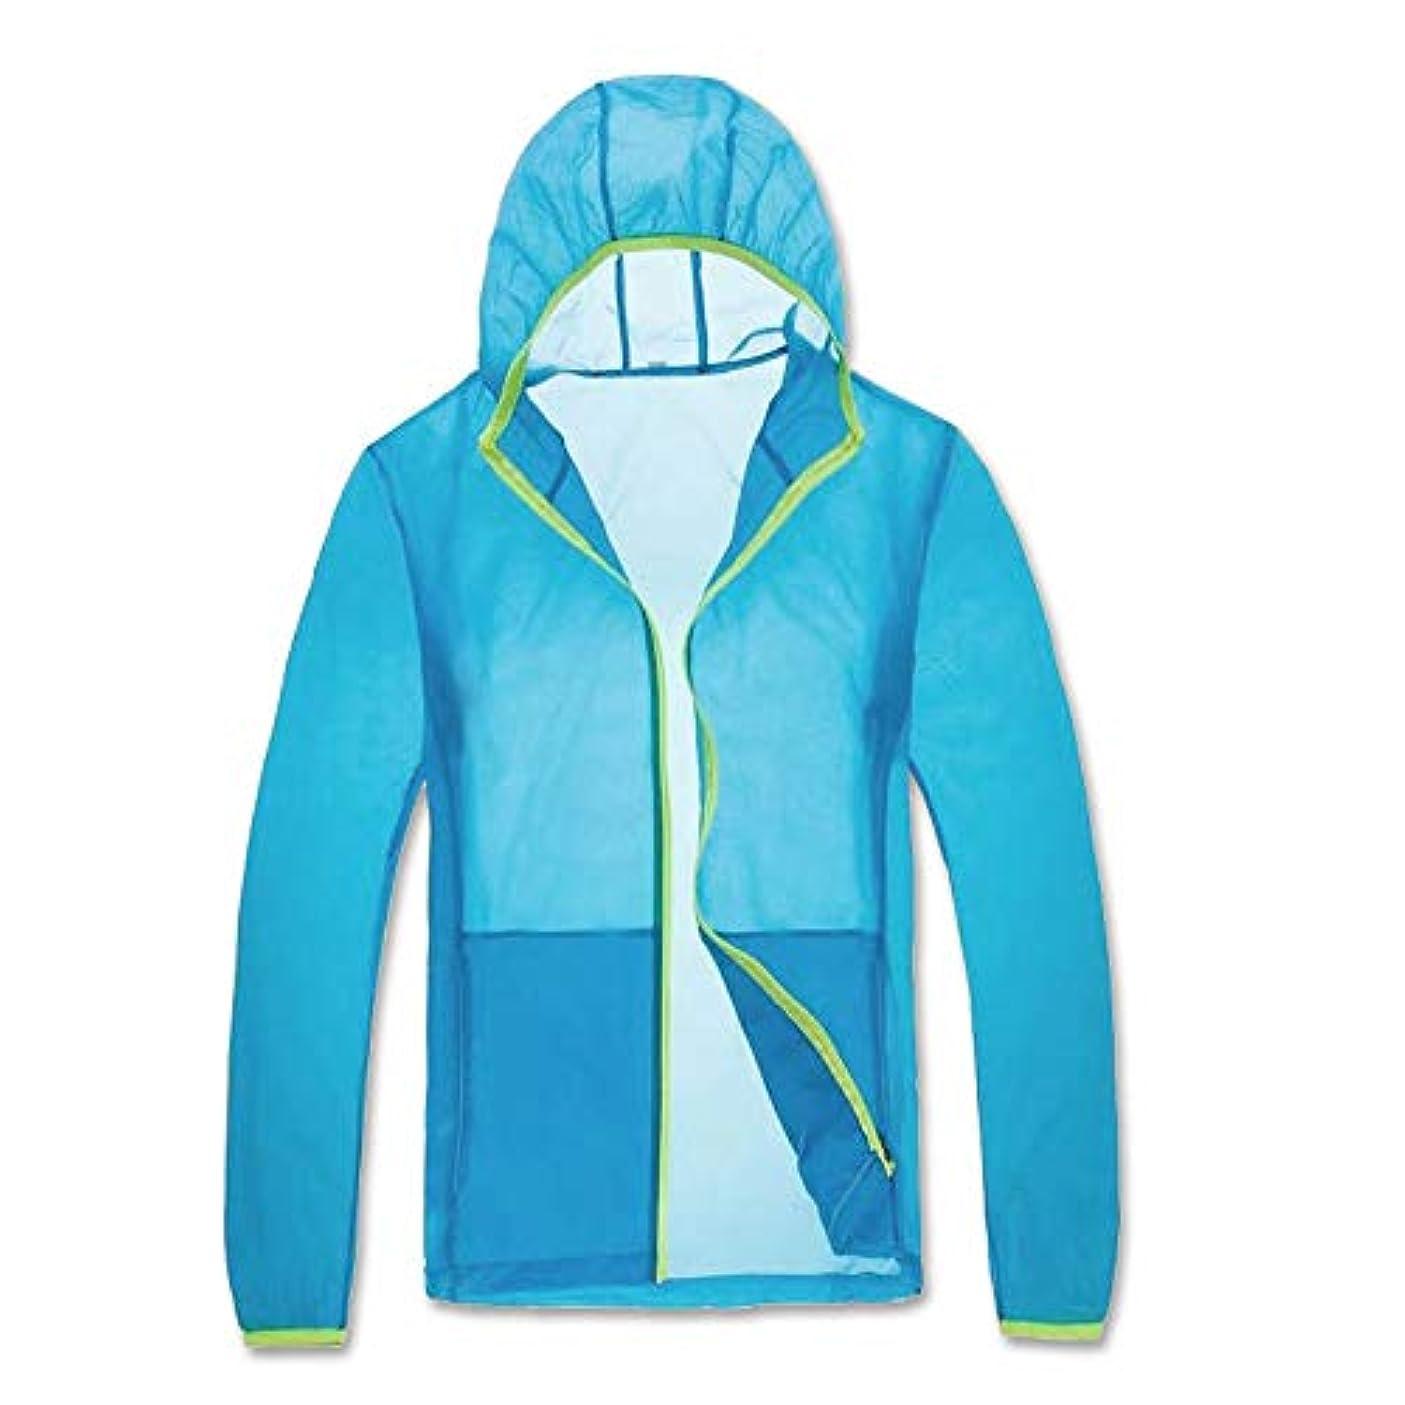 理解する謝罪する寝室夏のエアコン衣類ファン冷却衣服冷却ジャケット日焼け止め防蚊防水ジャケットスキンコート,Blue,L